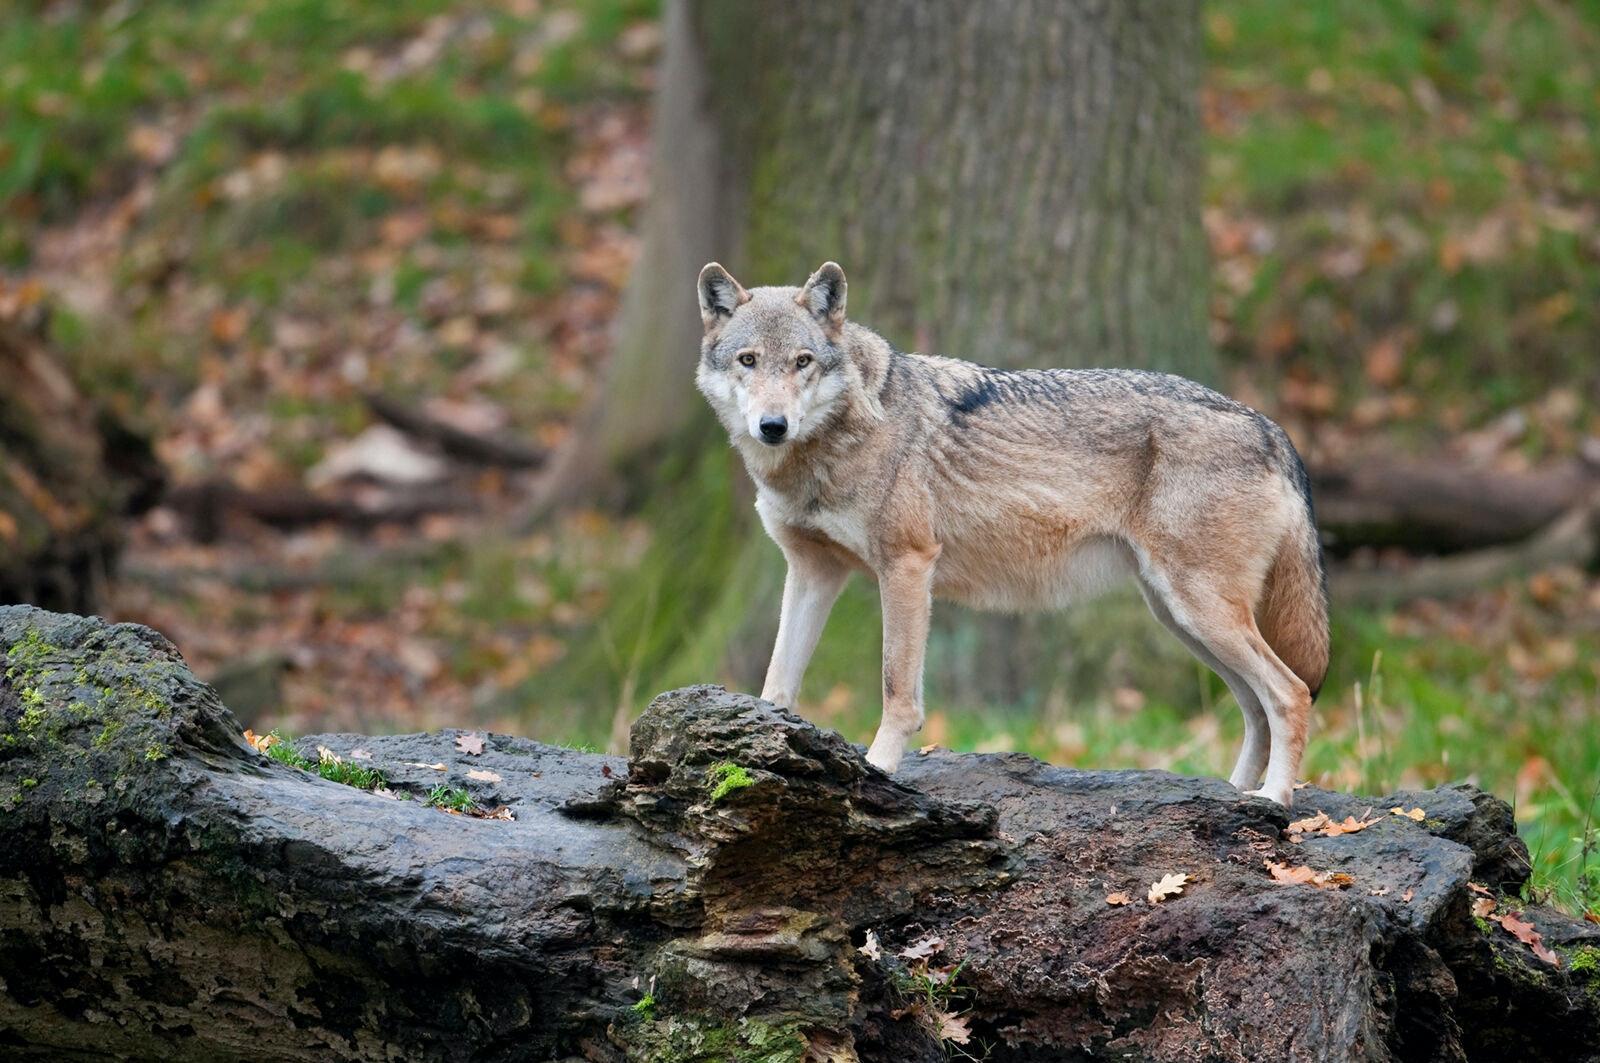 Los lobos modernos comparten un ancestro común con el perro doméstico; sin embargo, la variedad de presas y el comportamiento de caza han podido alterarse significativamente debido a la amenaza del hombre.